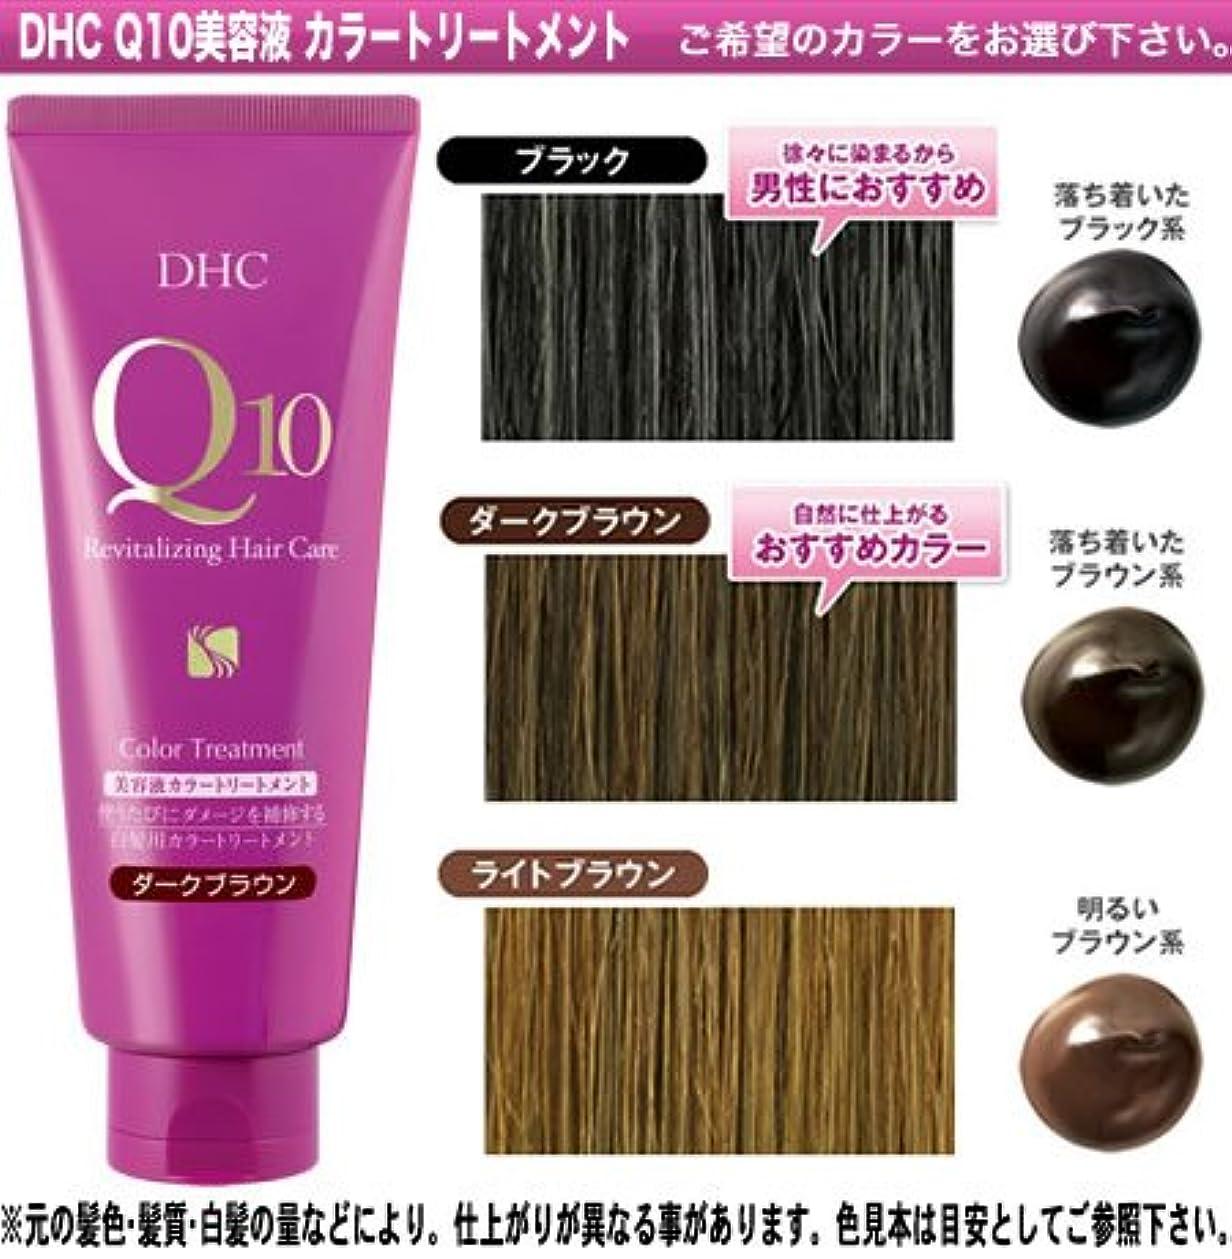 森林セントチューブDHC Q10美容液 カラートリートメント ブラック 235g